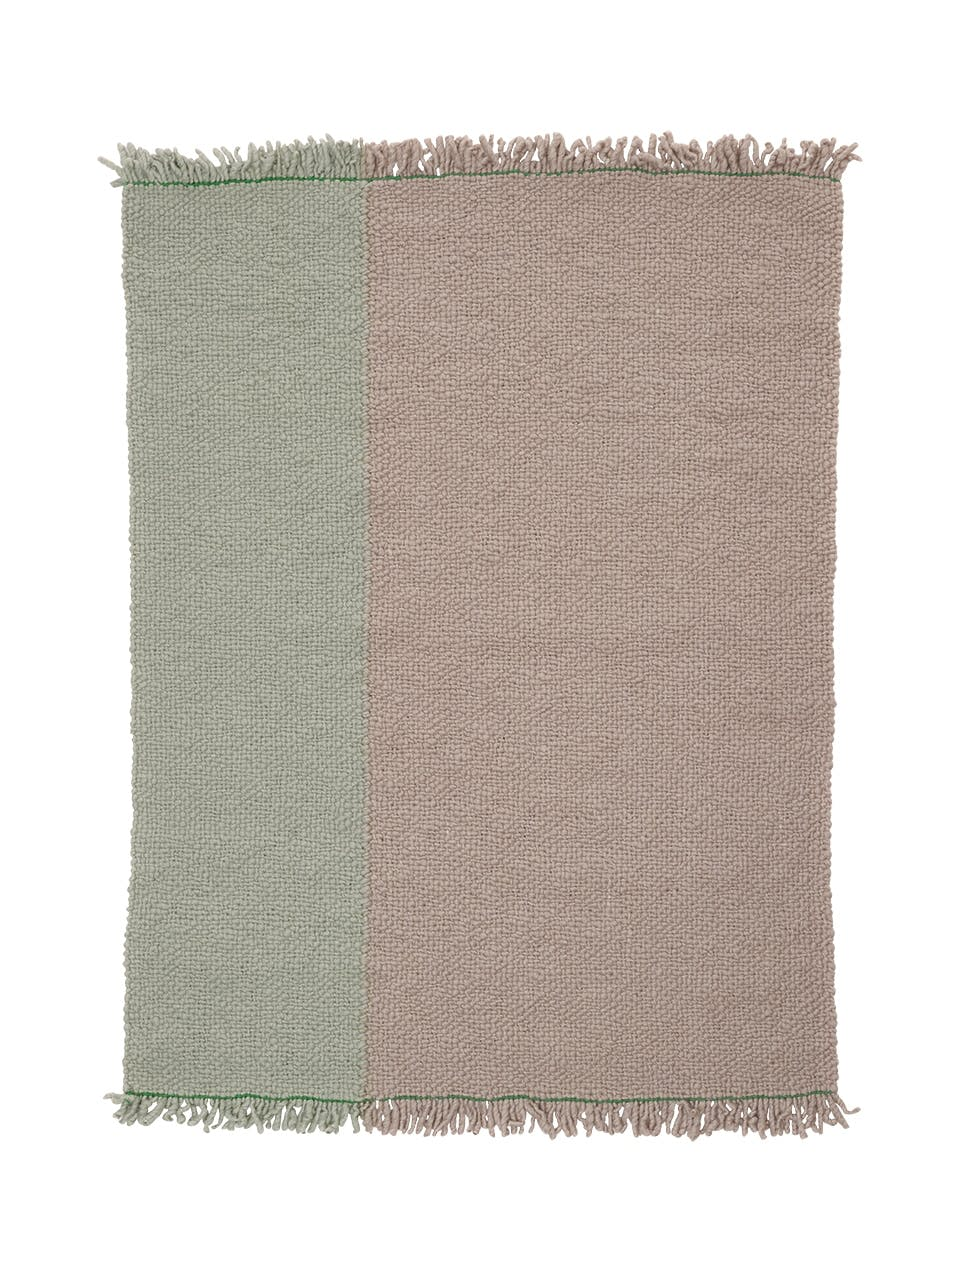 Nyt tæppe fra Danskina